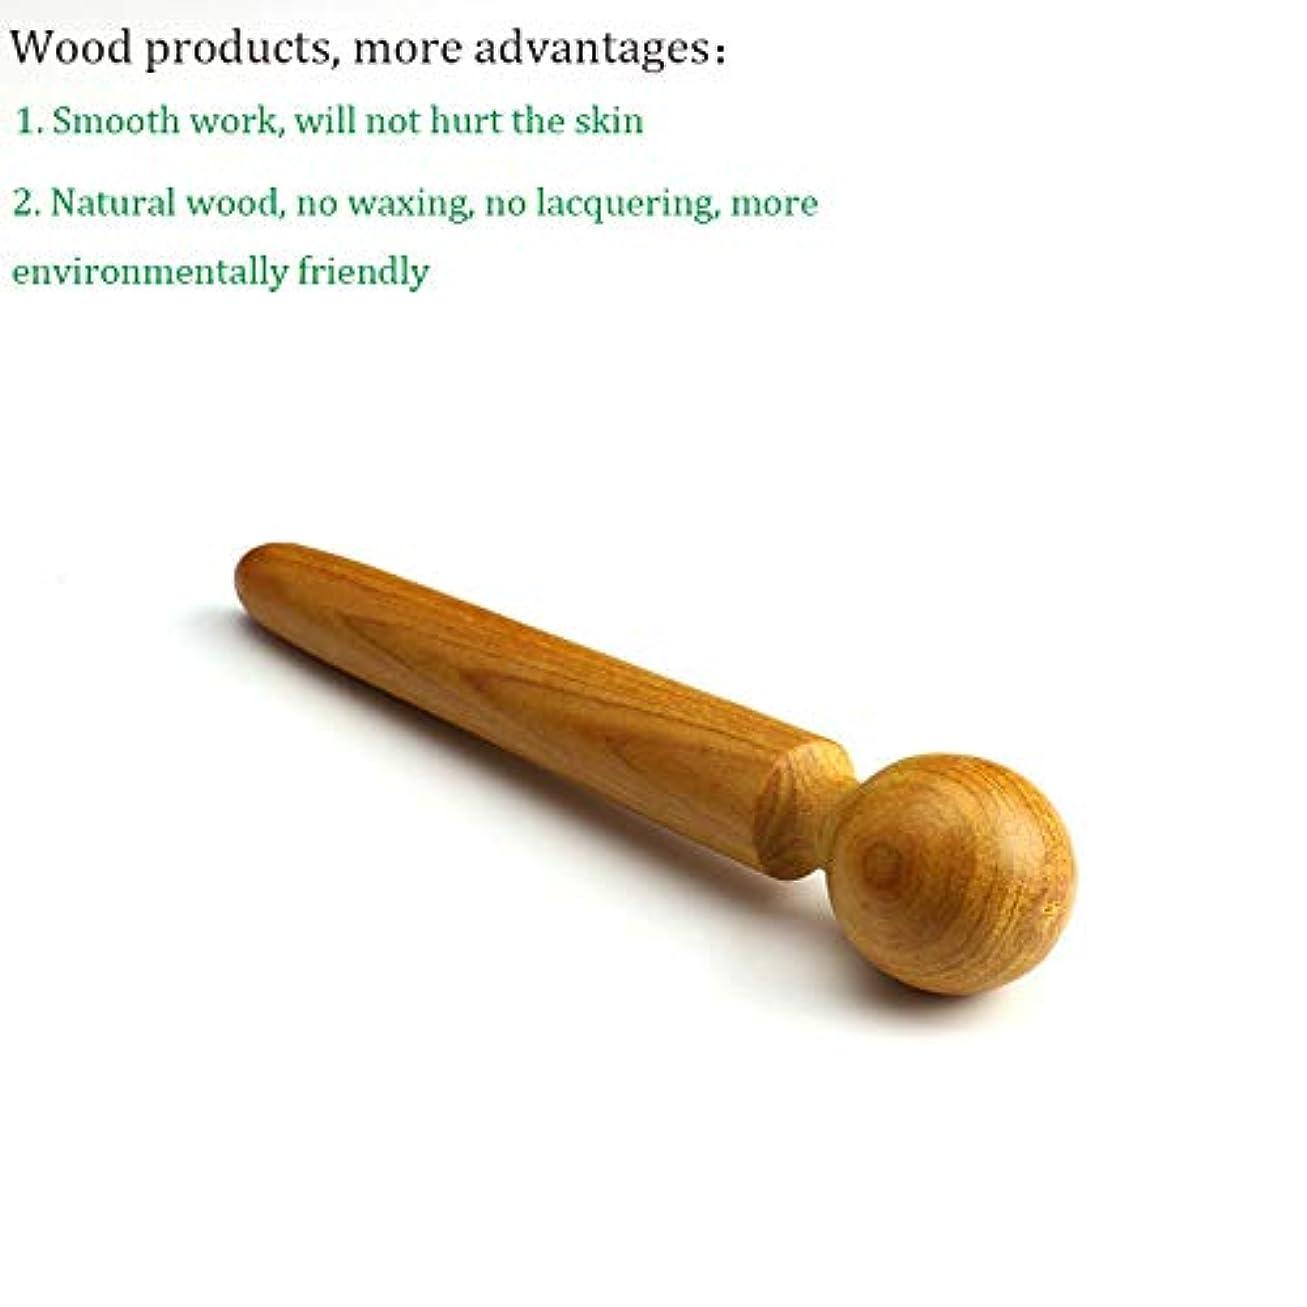 文庫本落胆させるゲートDC 木製マッサージャー 木製フットポイントスティック 鍼治療ポイントロッドSPAボディフットマッサージツール 疲労緩和